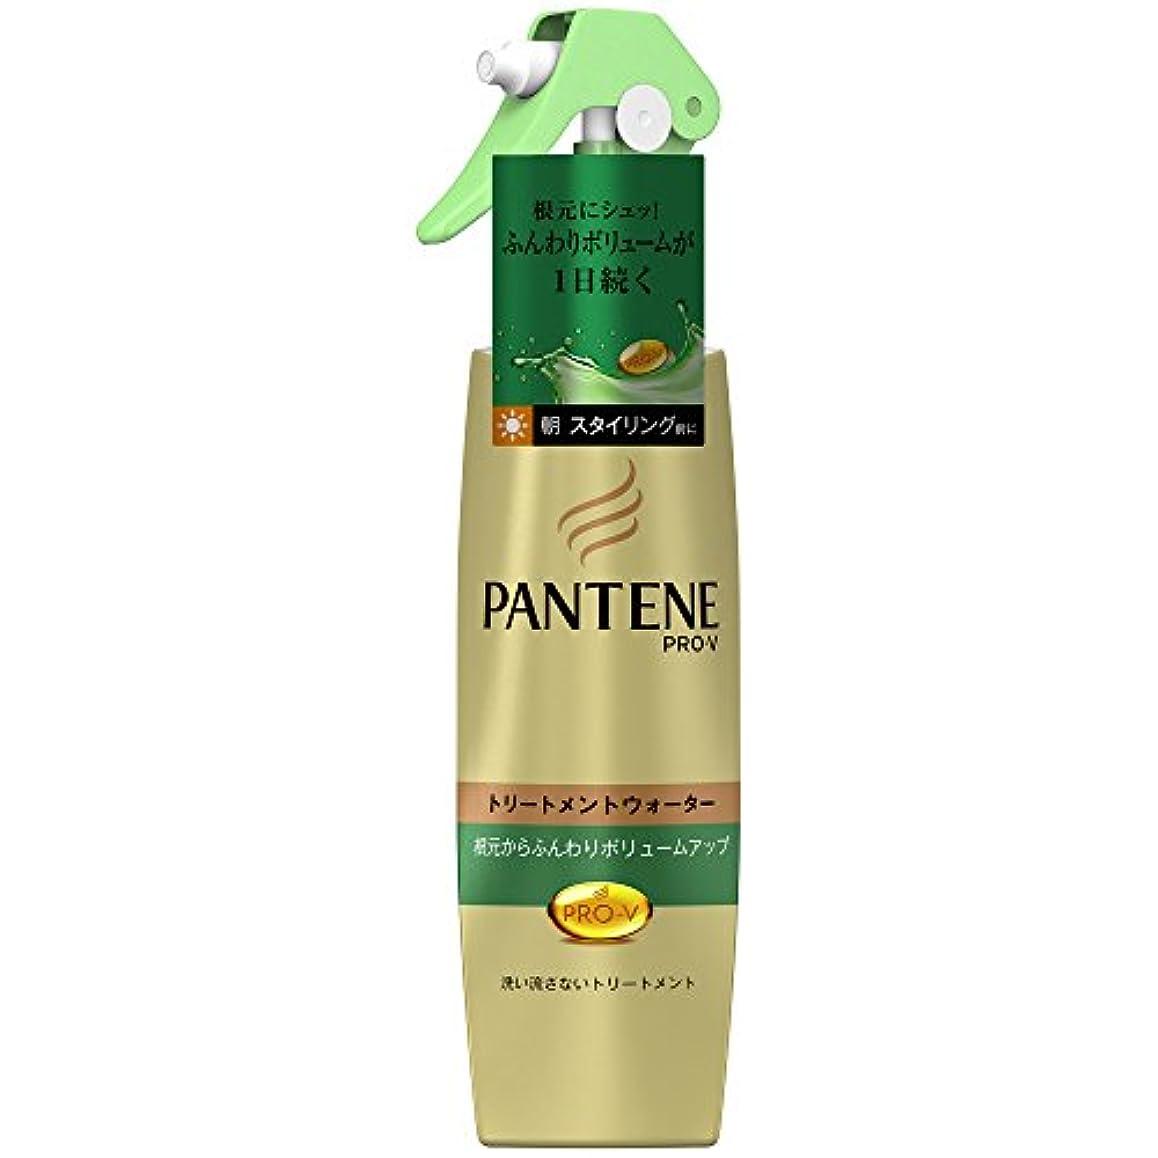 思春期のアライメントどんよりしたパンテーン 洗い流さないトリートメント トリートメントウォーター ボリュームのない髪用 200ml